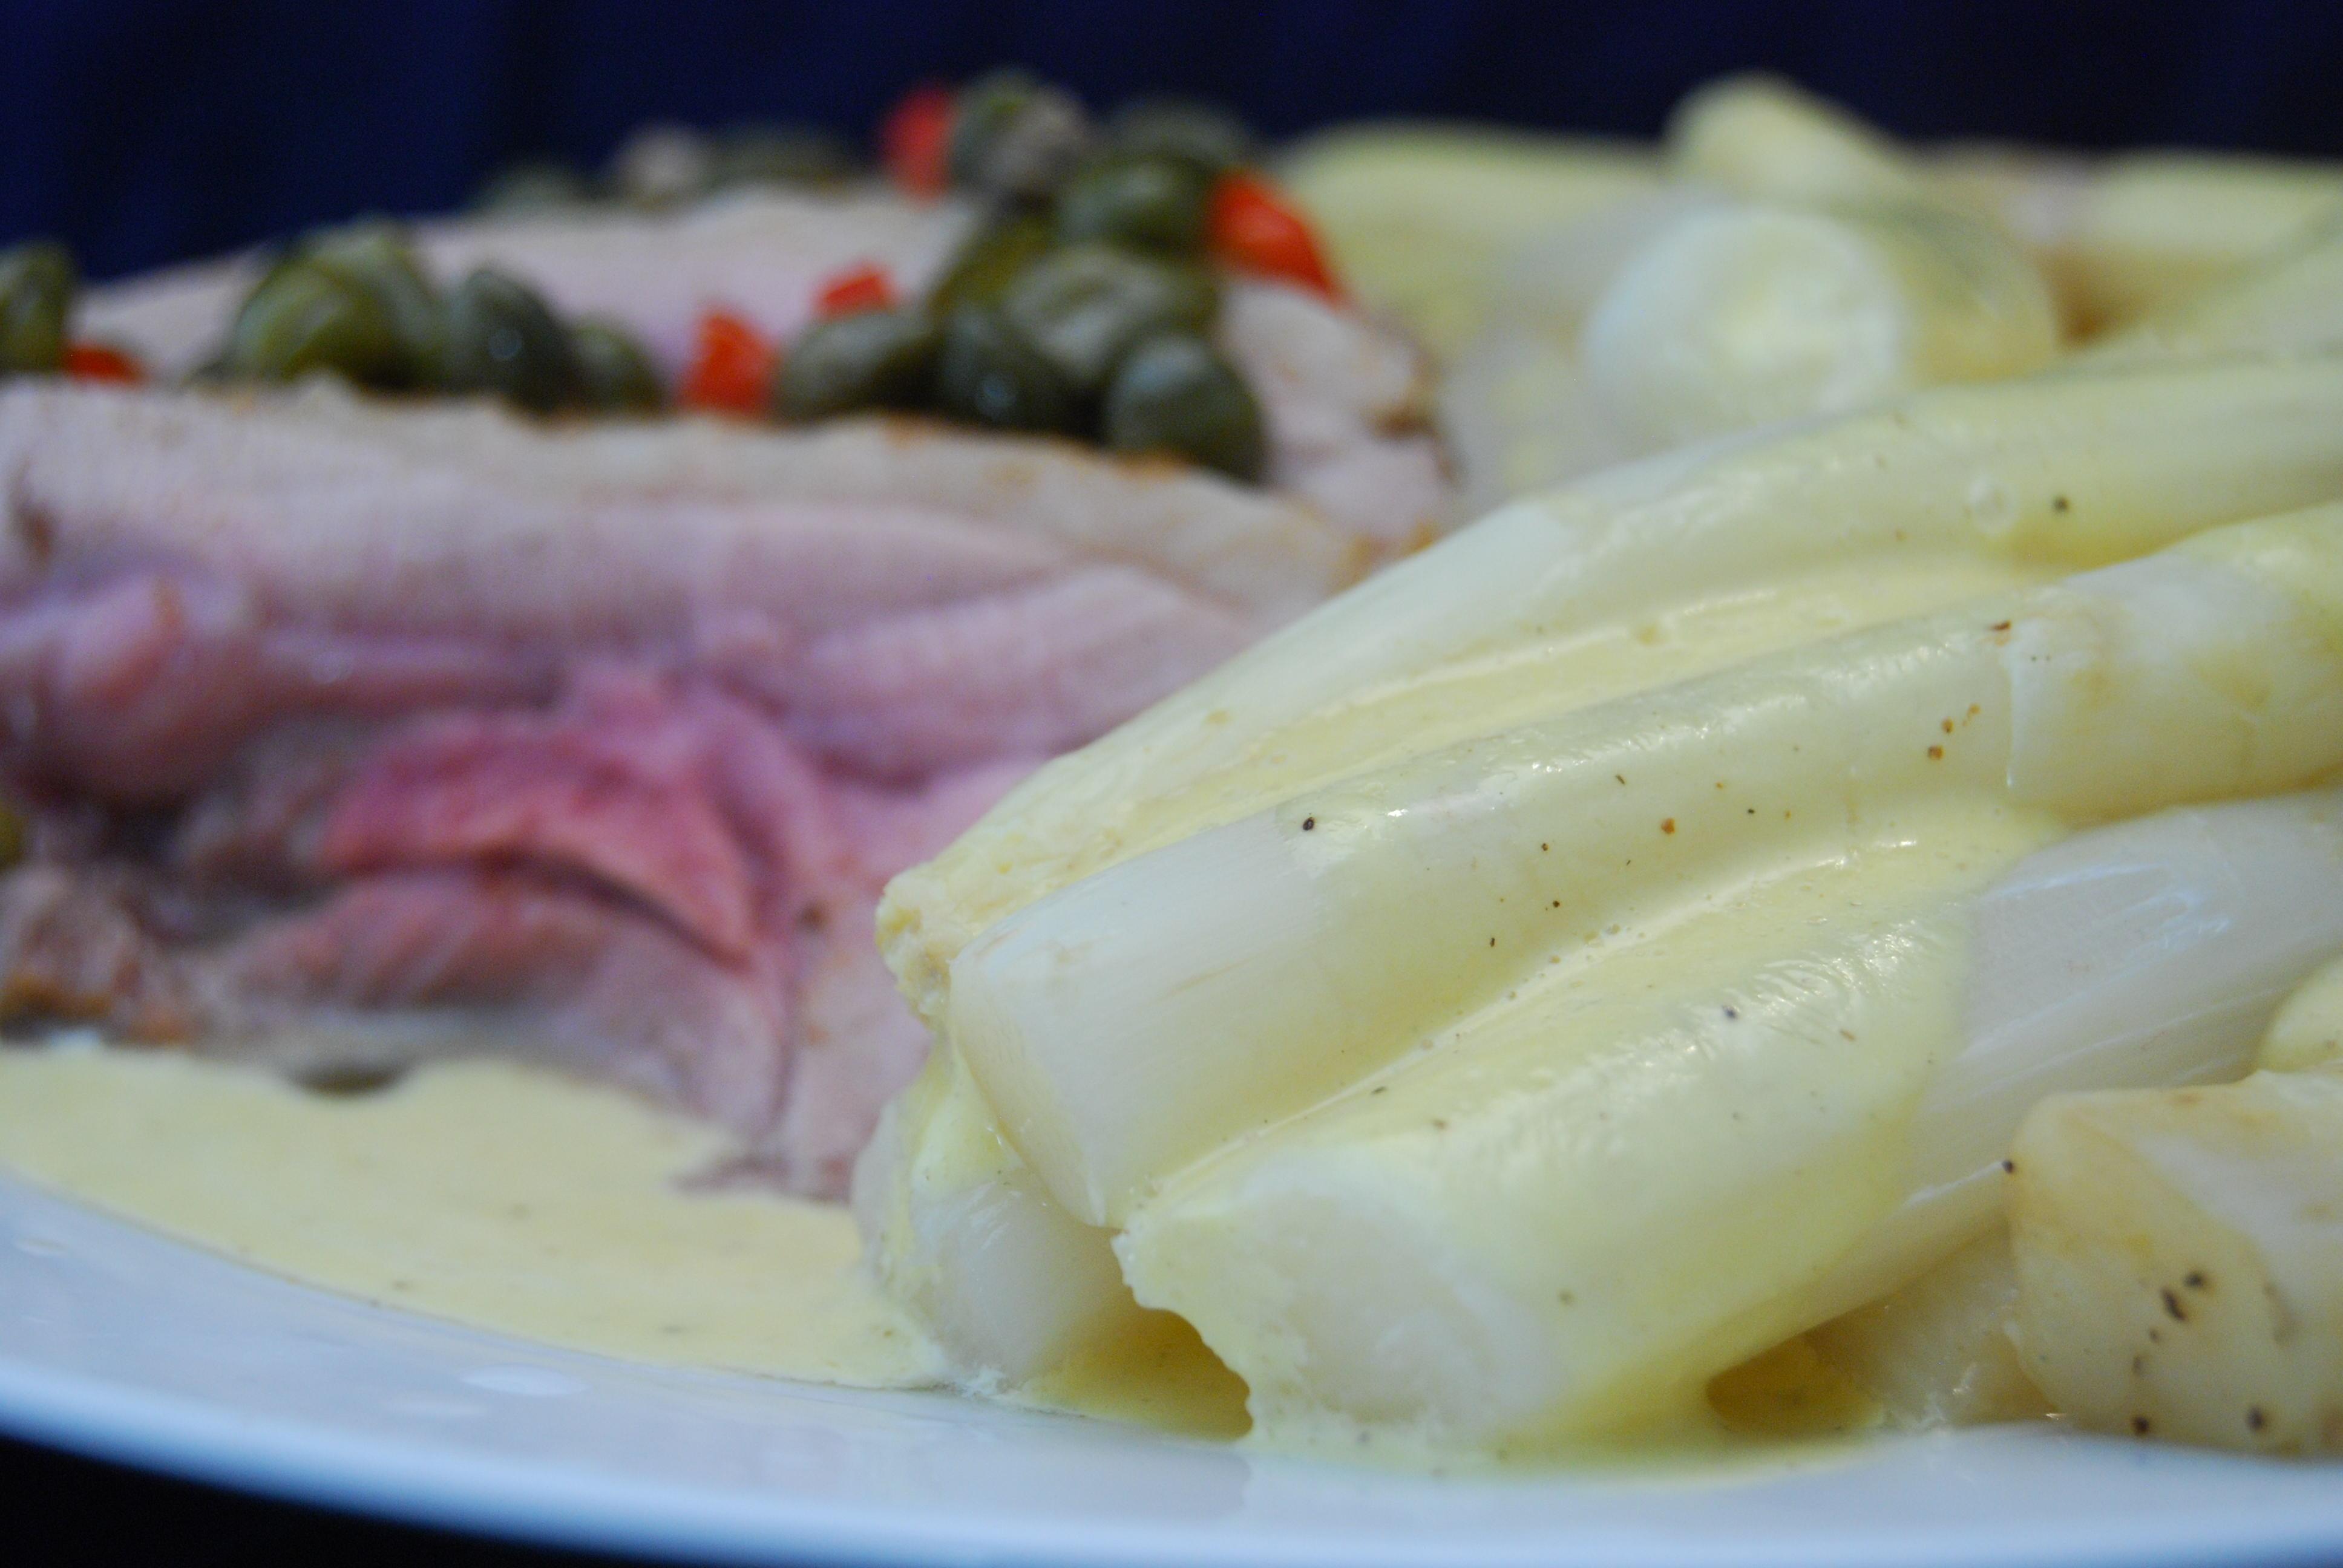 Putenoberkeule in Kapern-Chili-Weißwein-Sauce mit Spargeln und Mayonnaise